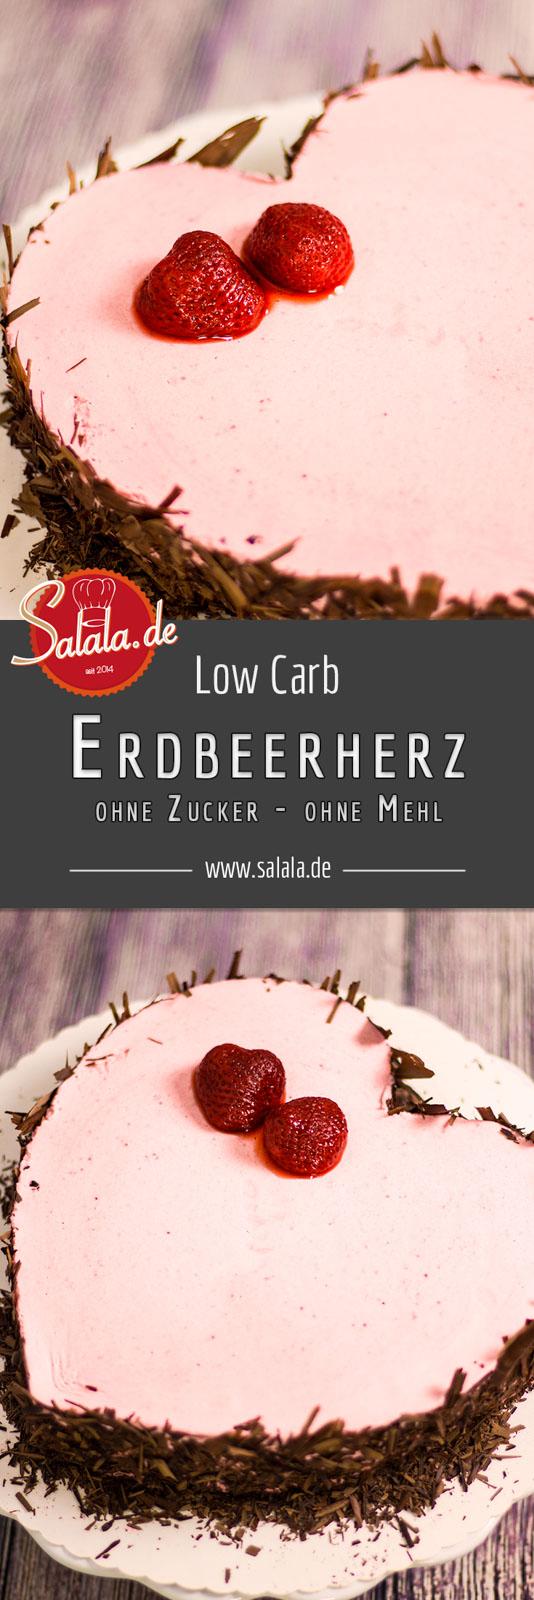 Sahniges Erdbeerherz zum Valentinstag - by salala.de - Low Carb Torte ohne Zucker ohne Mehl glutenfrei Sahne Erdbeeren Motivtorte Rezept